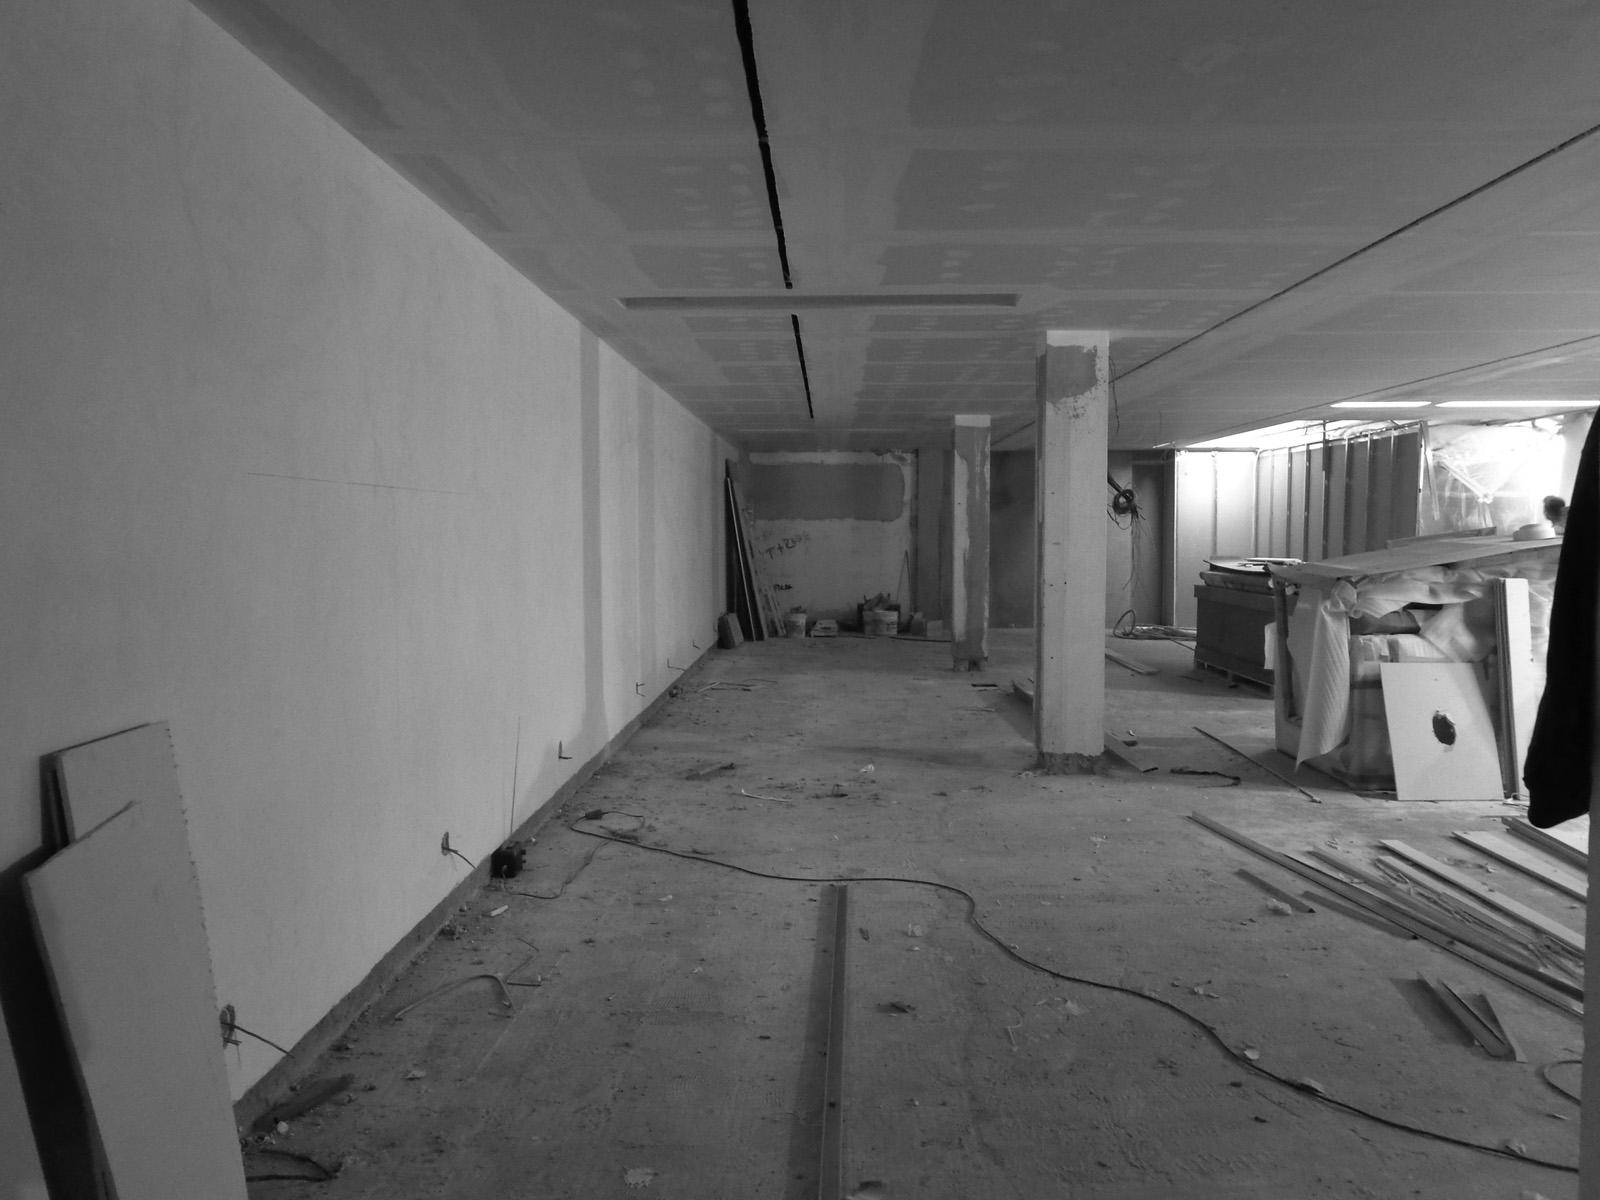 Antero - Construção - Stand - Oficina - BMW - Yamaha - EVA evolutionary architecture - Arquitectos Porto (1).jpg